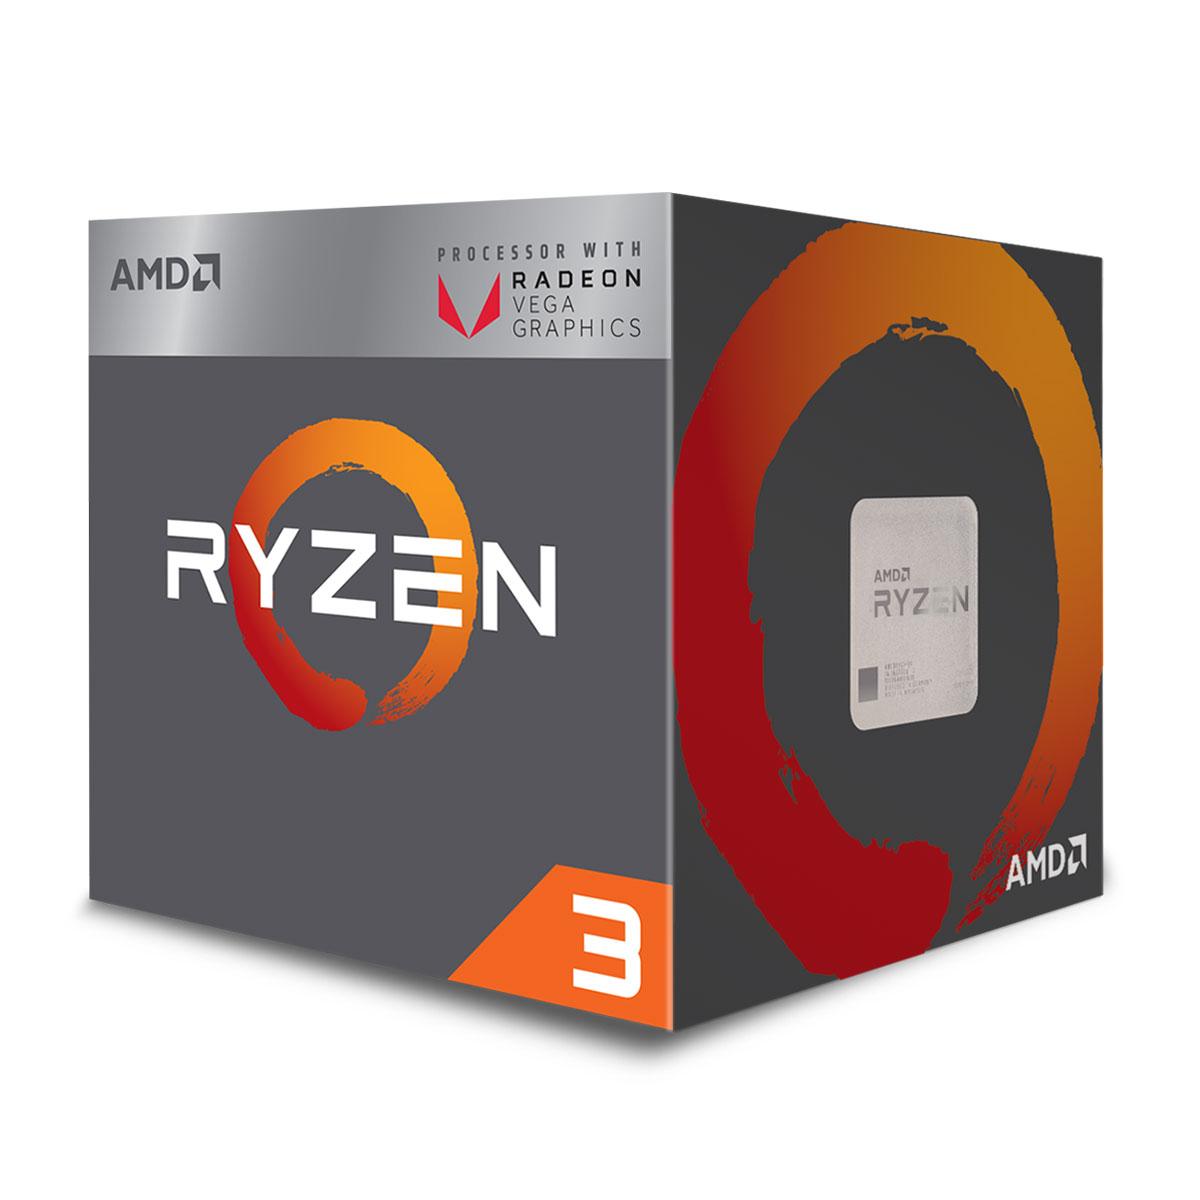 Processeur AMD 4 Core/4 Threads Socket AM4 Ryzen 3 2200G 6 Mo (Boîte, informatique ile de la Réunion, informatique-reunion.com